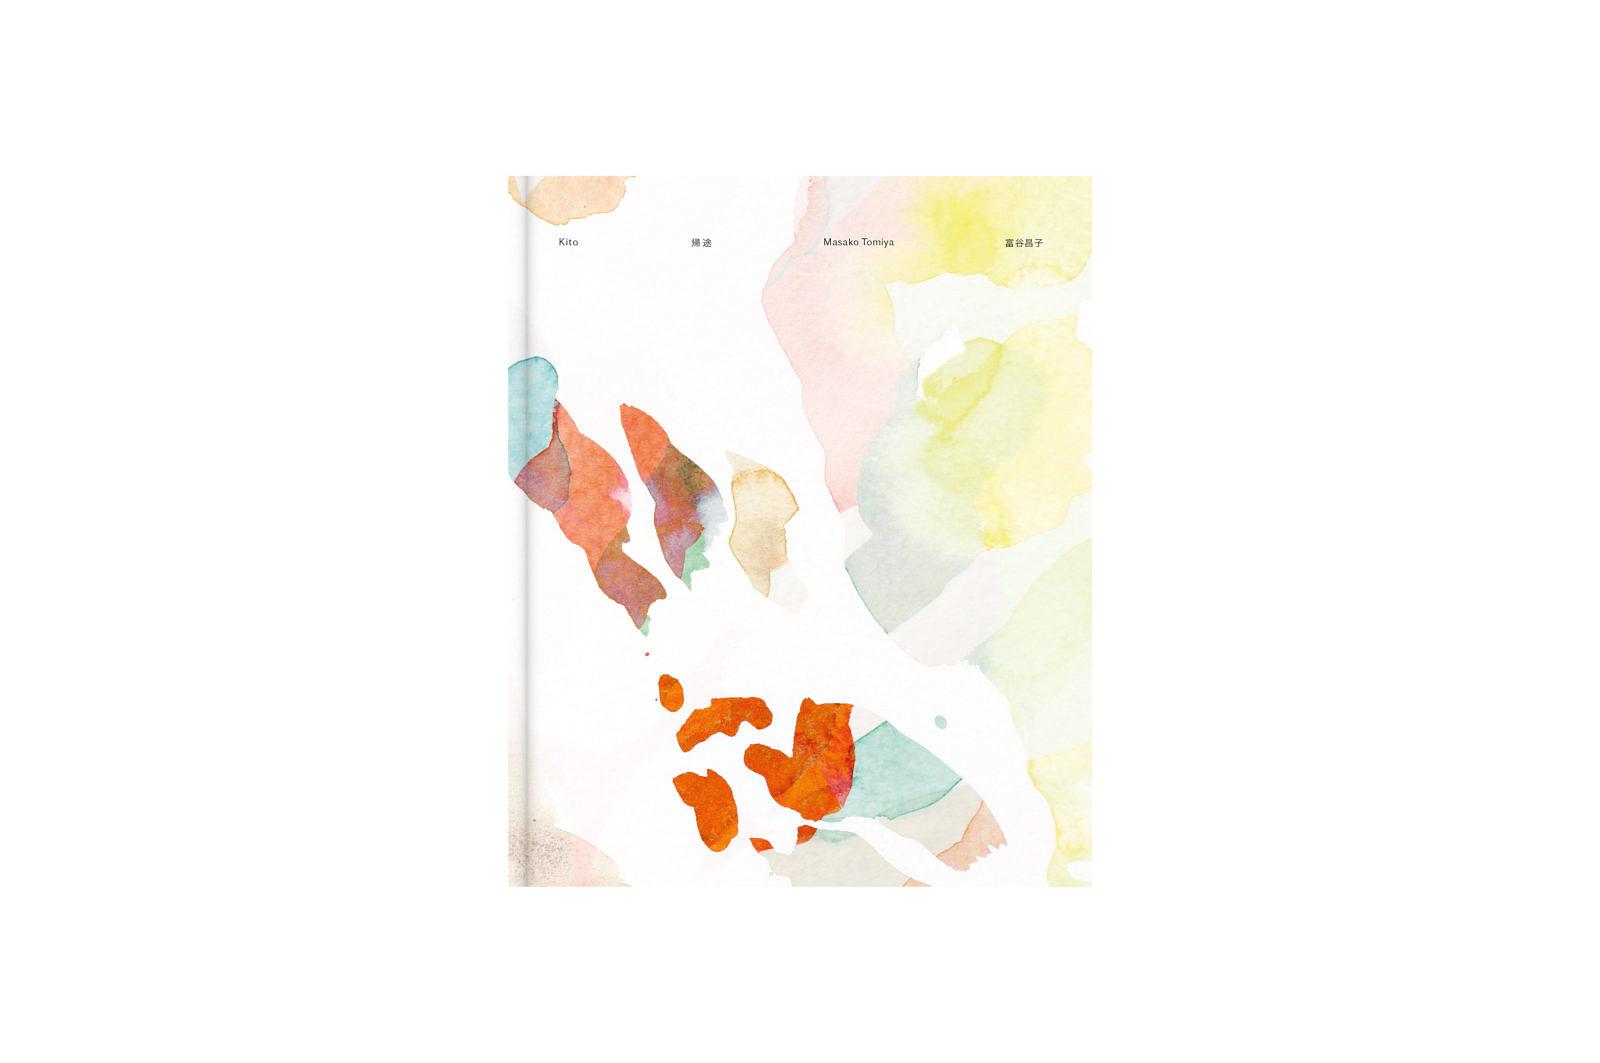 Kito - First edition